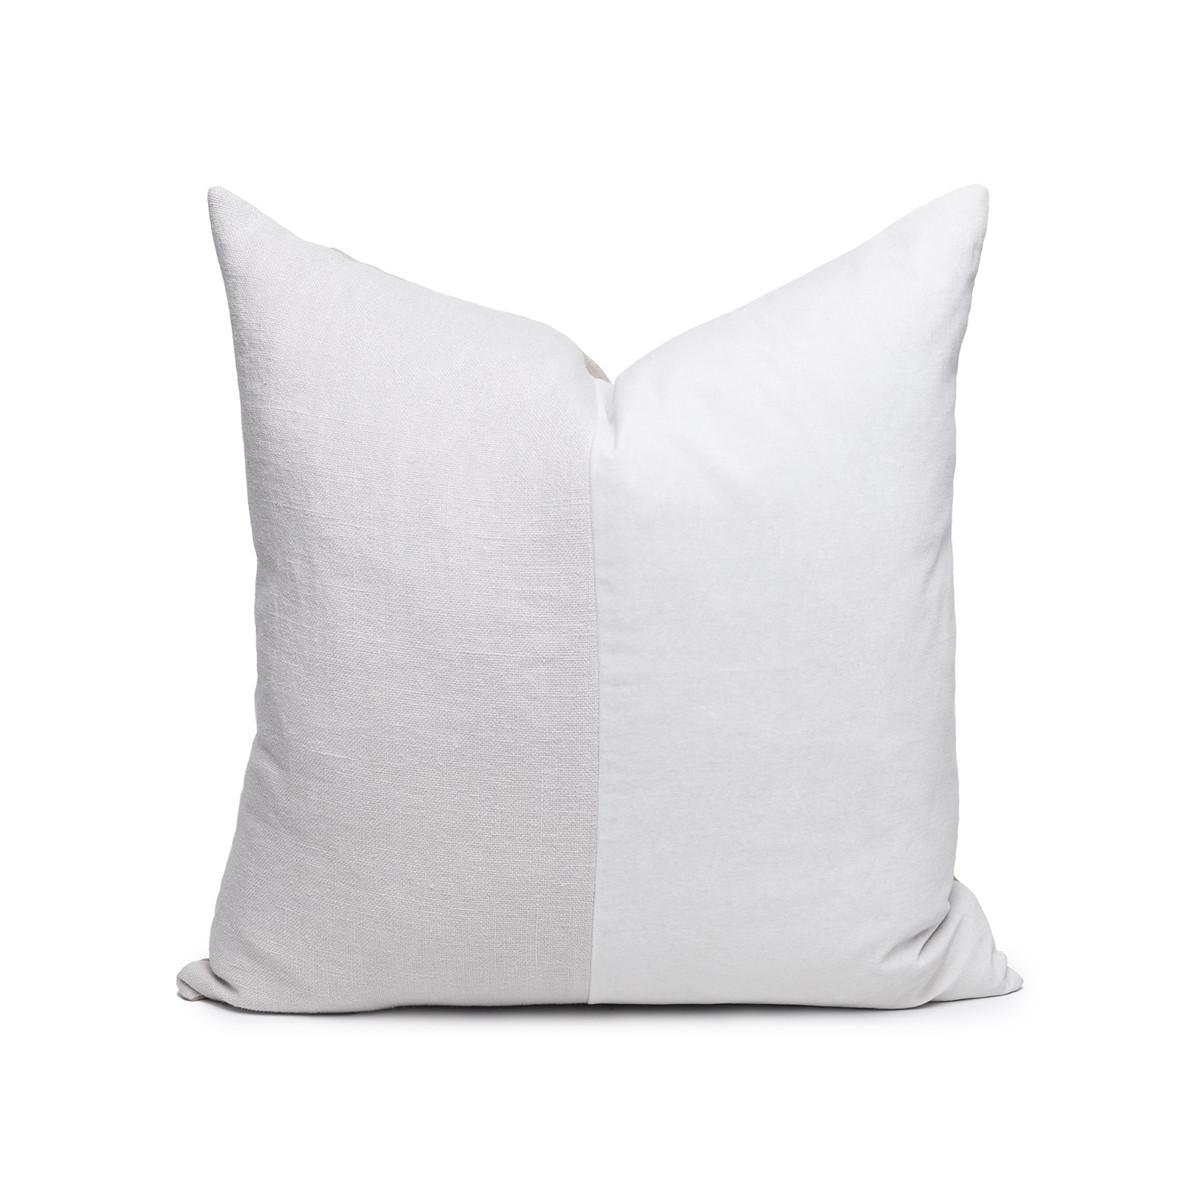 Carre Pearl Gray Velvet Pillow - Front